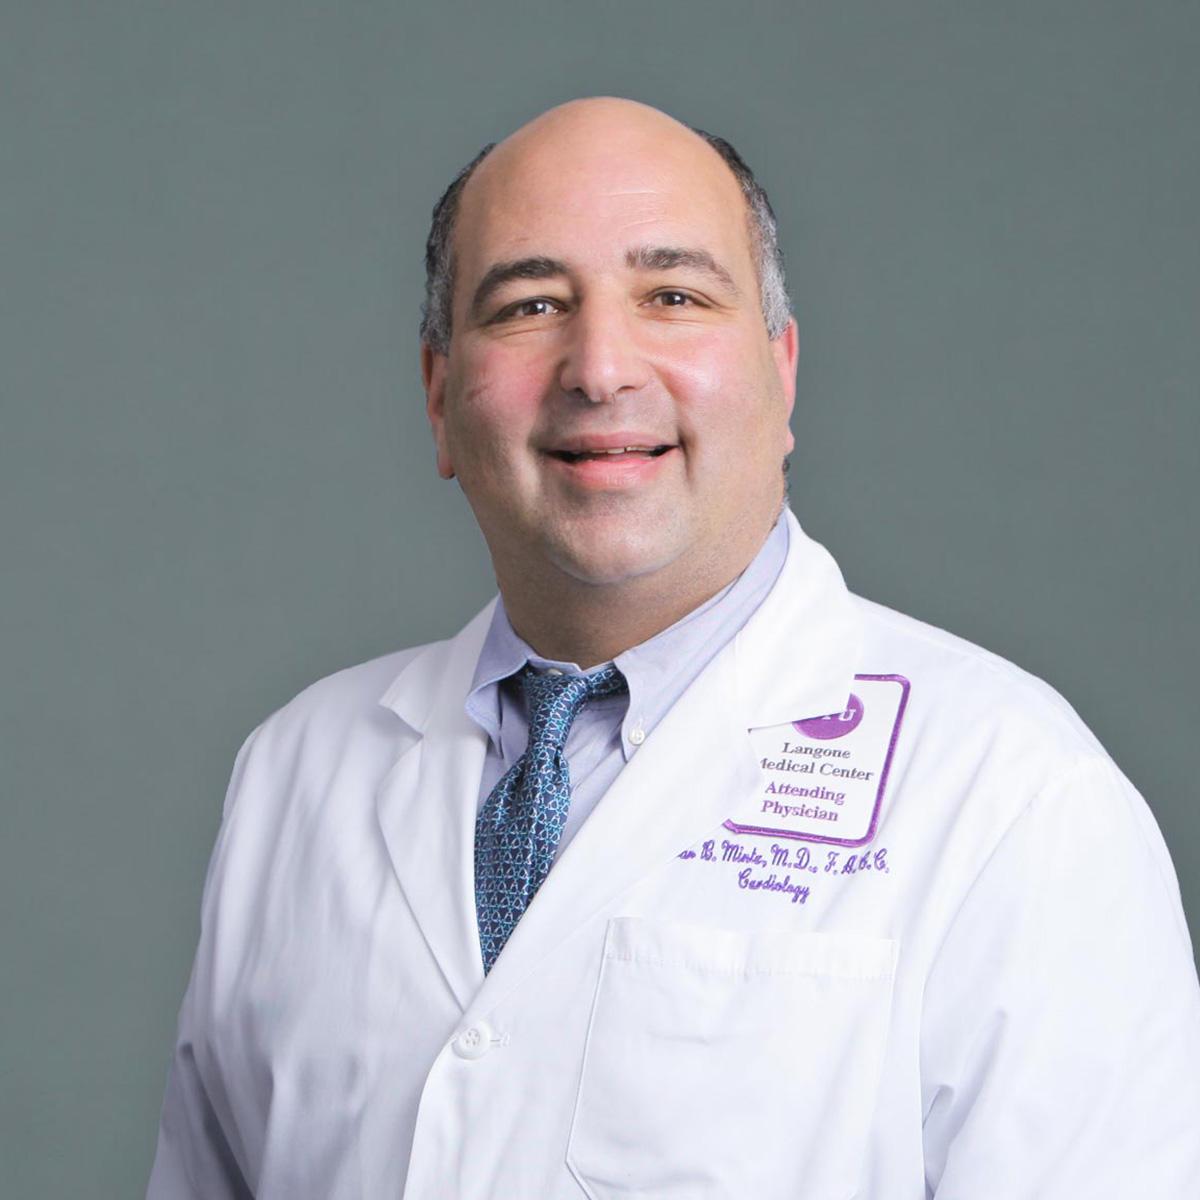 Evan B. Mintz, MD